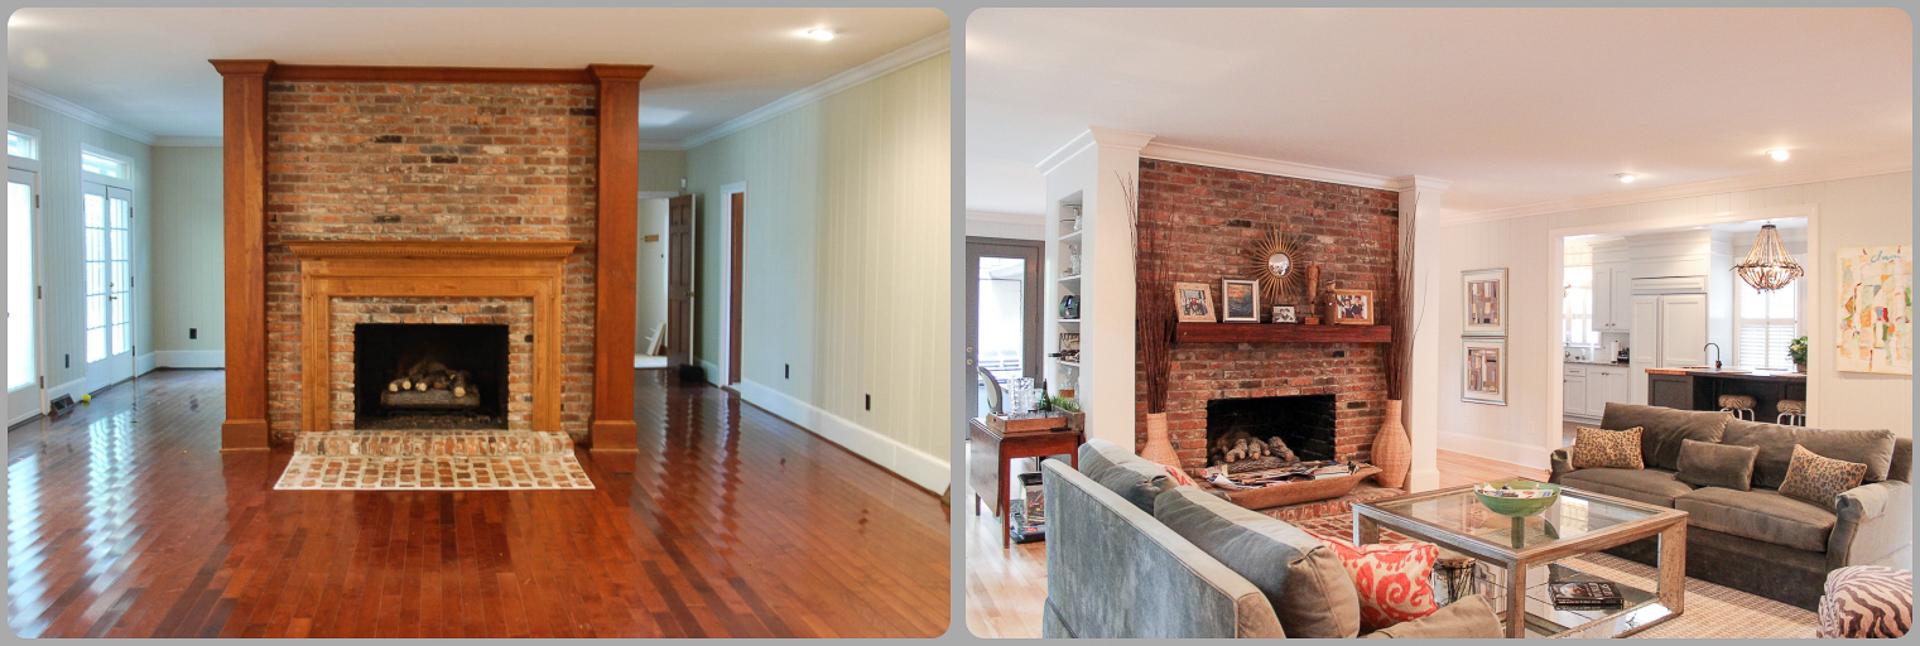 08 Greenville Home Remodeling Kitchen Remodel